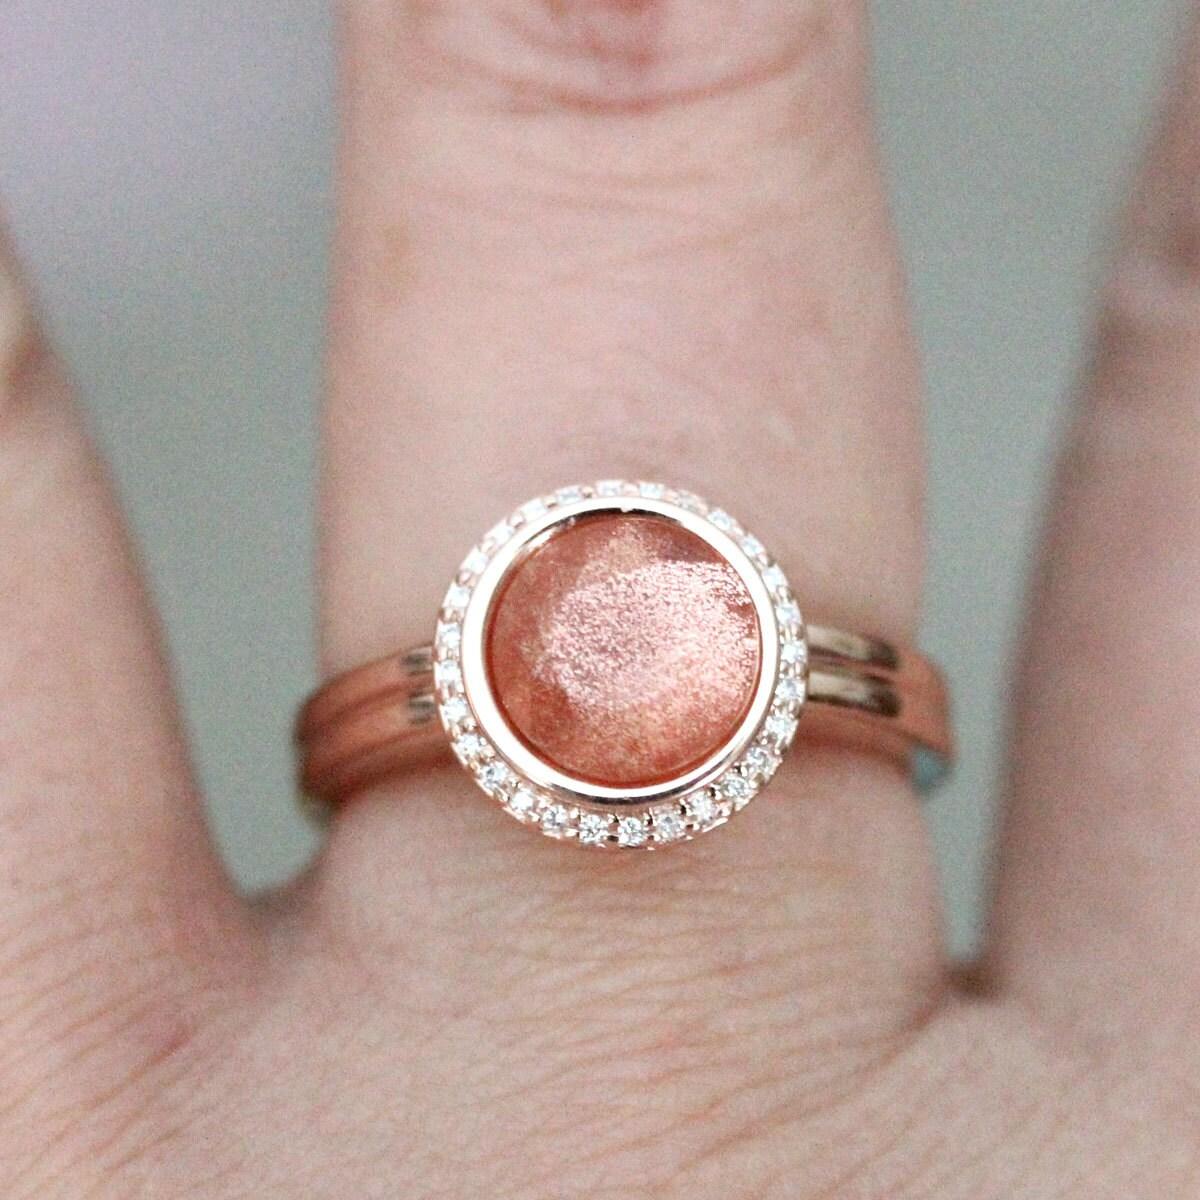 Ellens wedding ring 3996927 - wm-forum.info